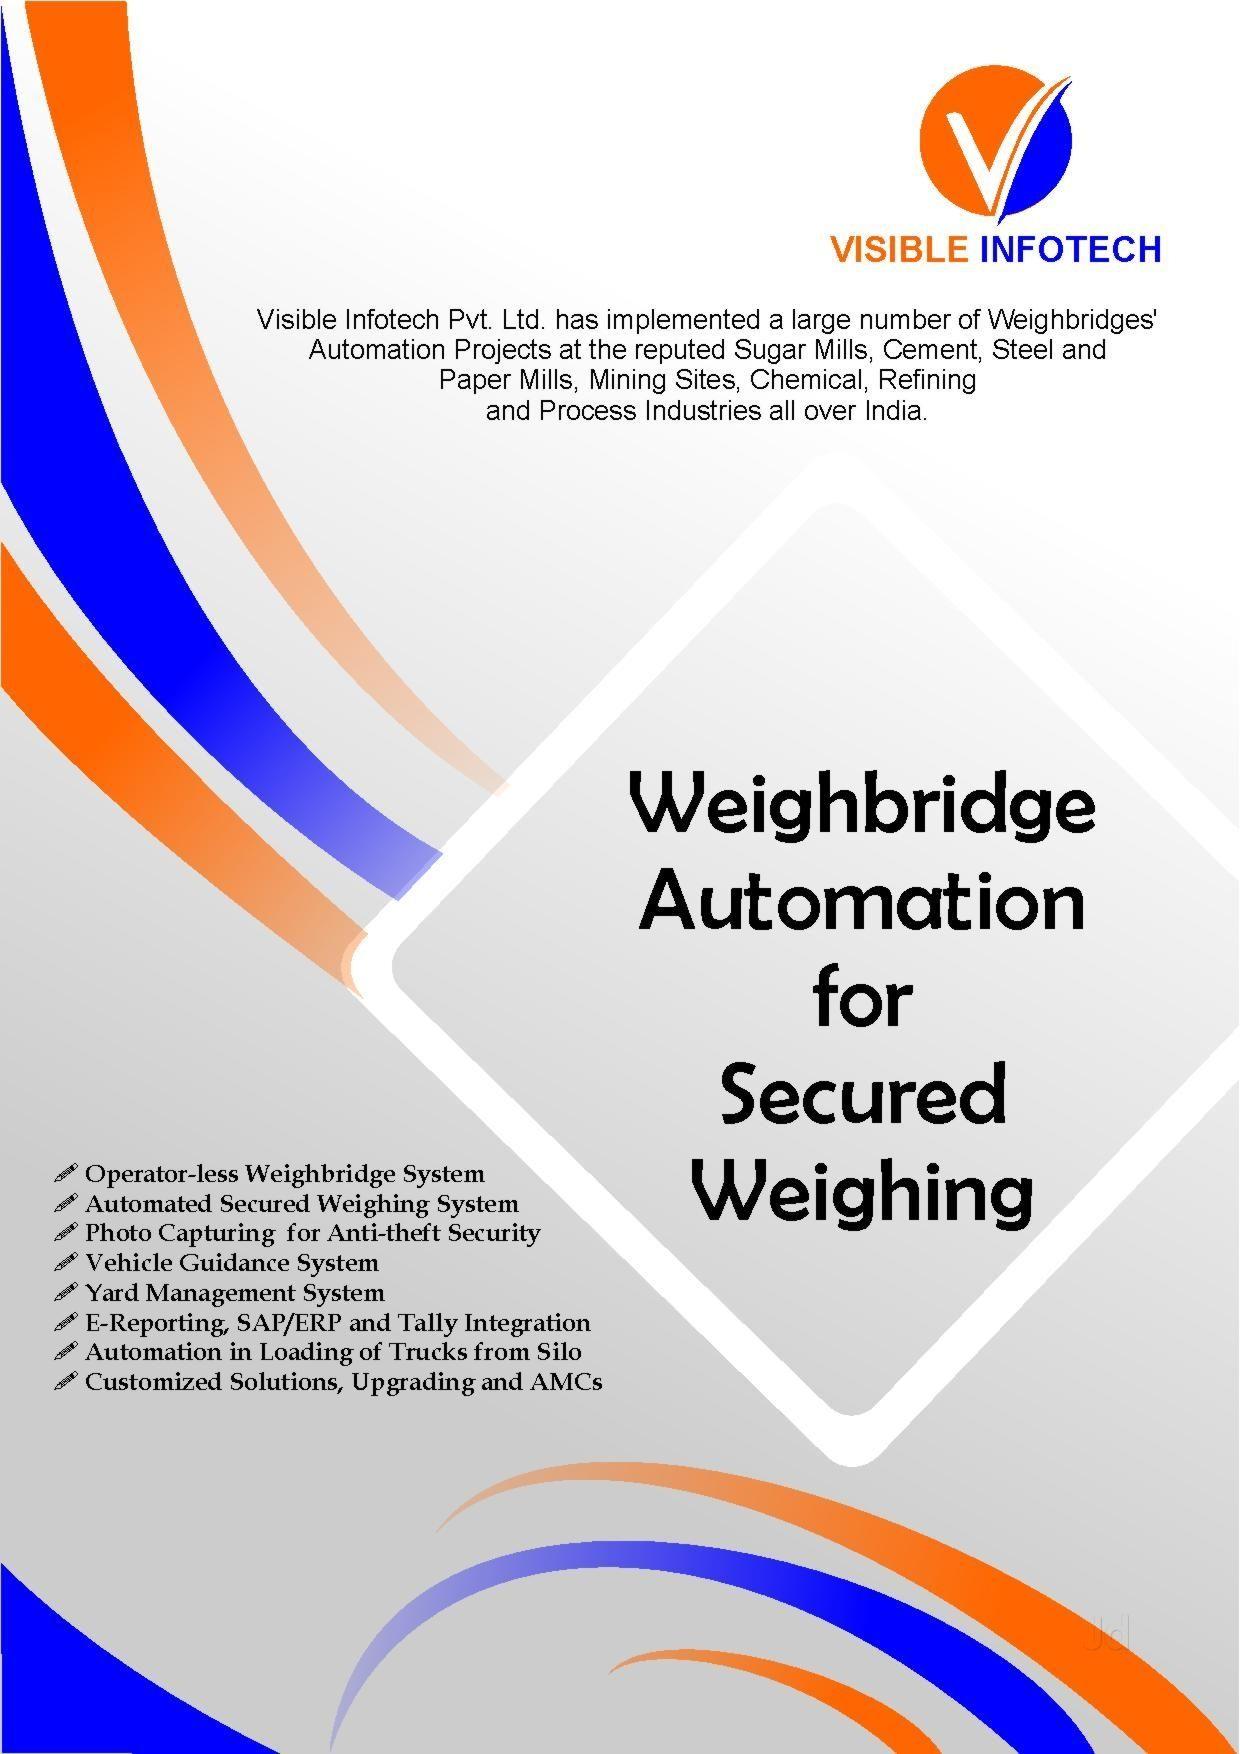 Visible Infotech Pvt Ltd